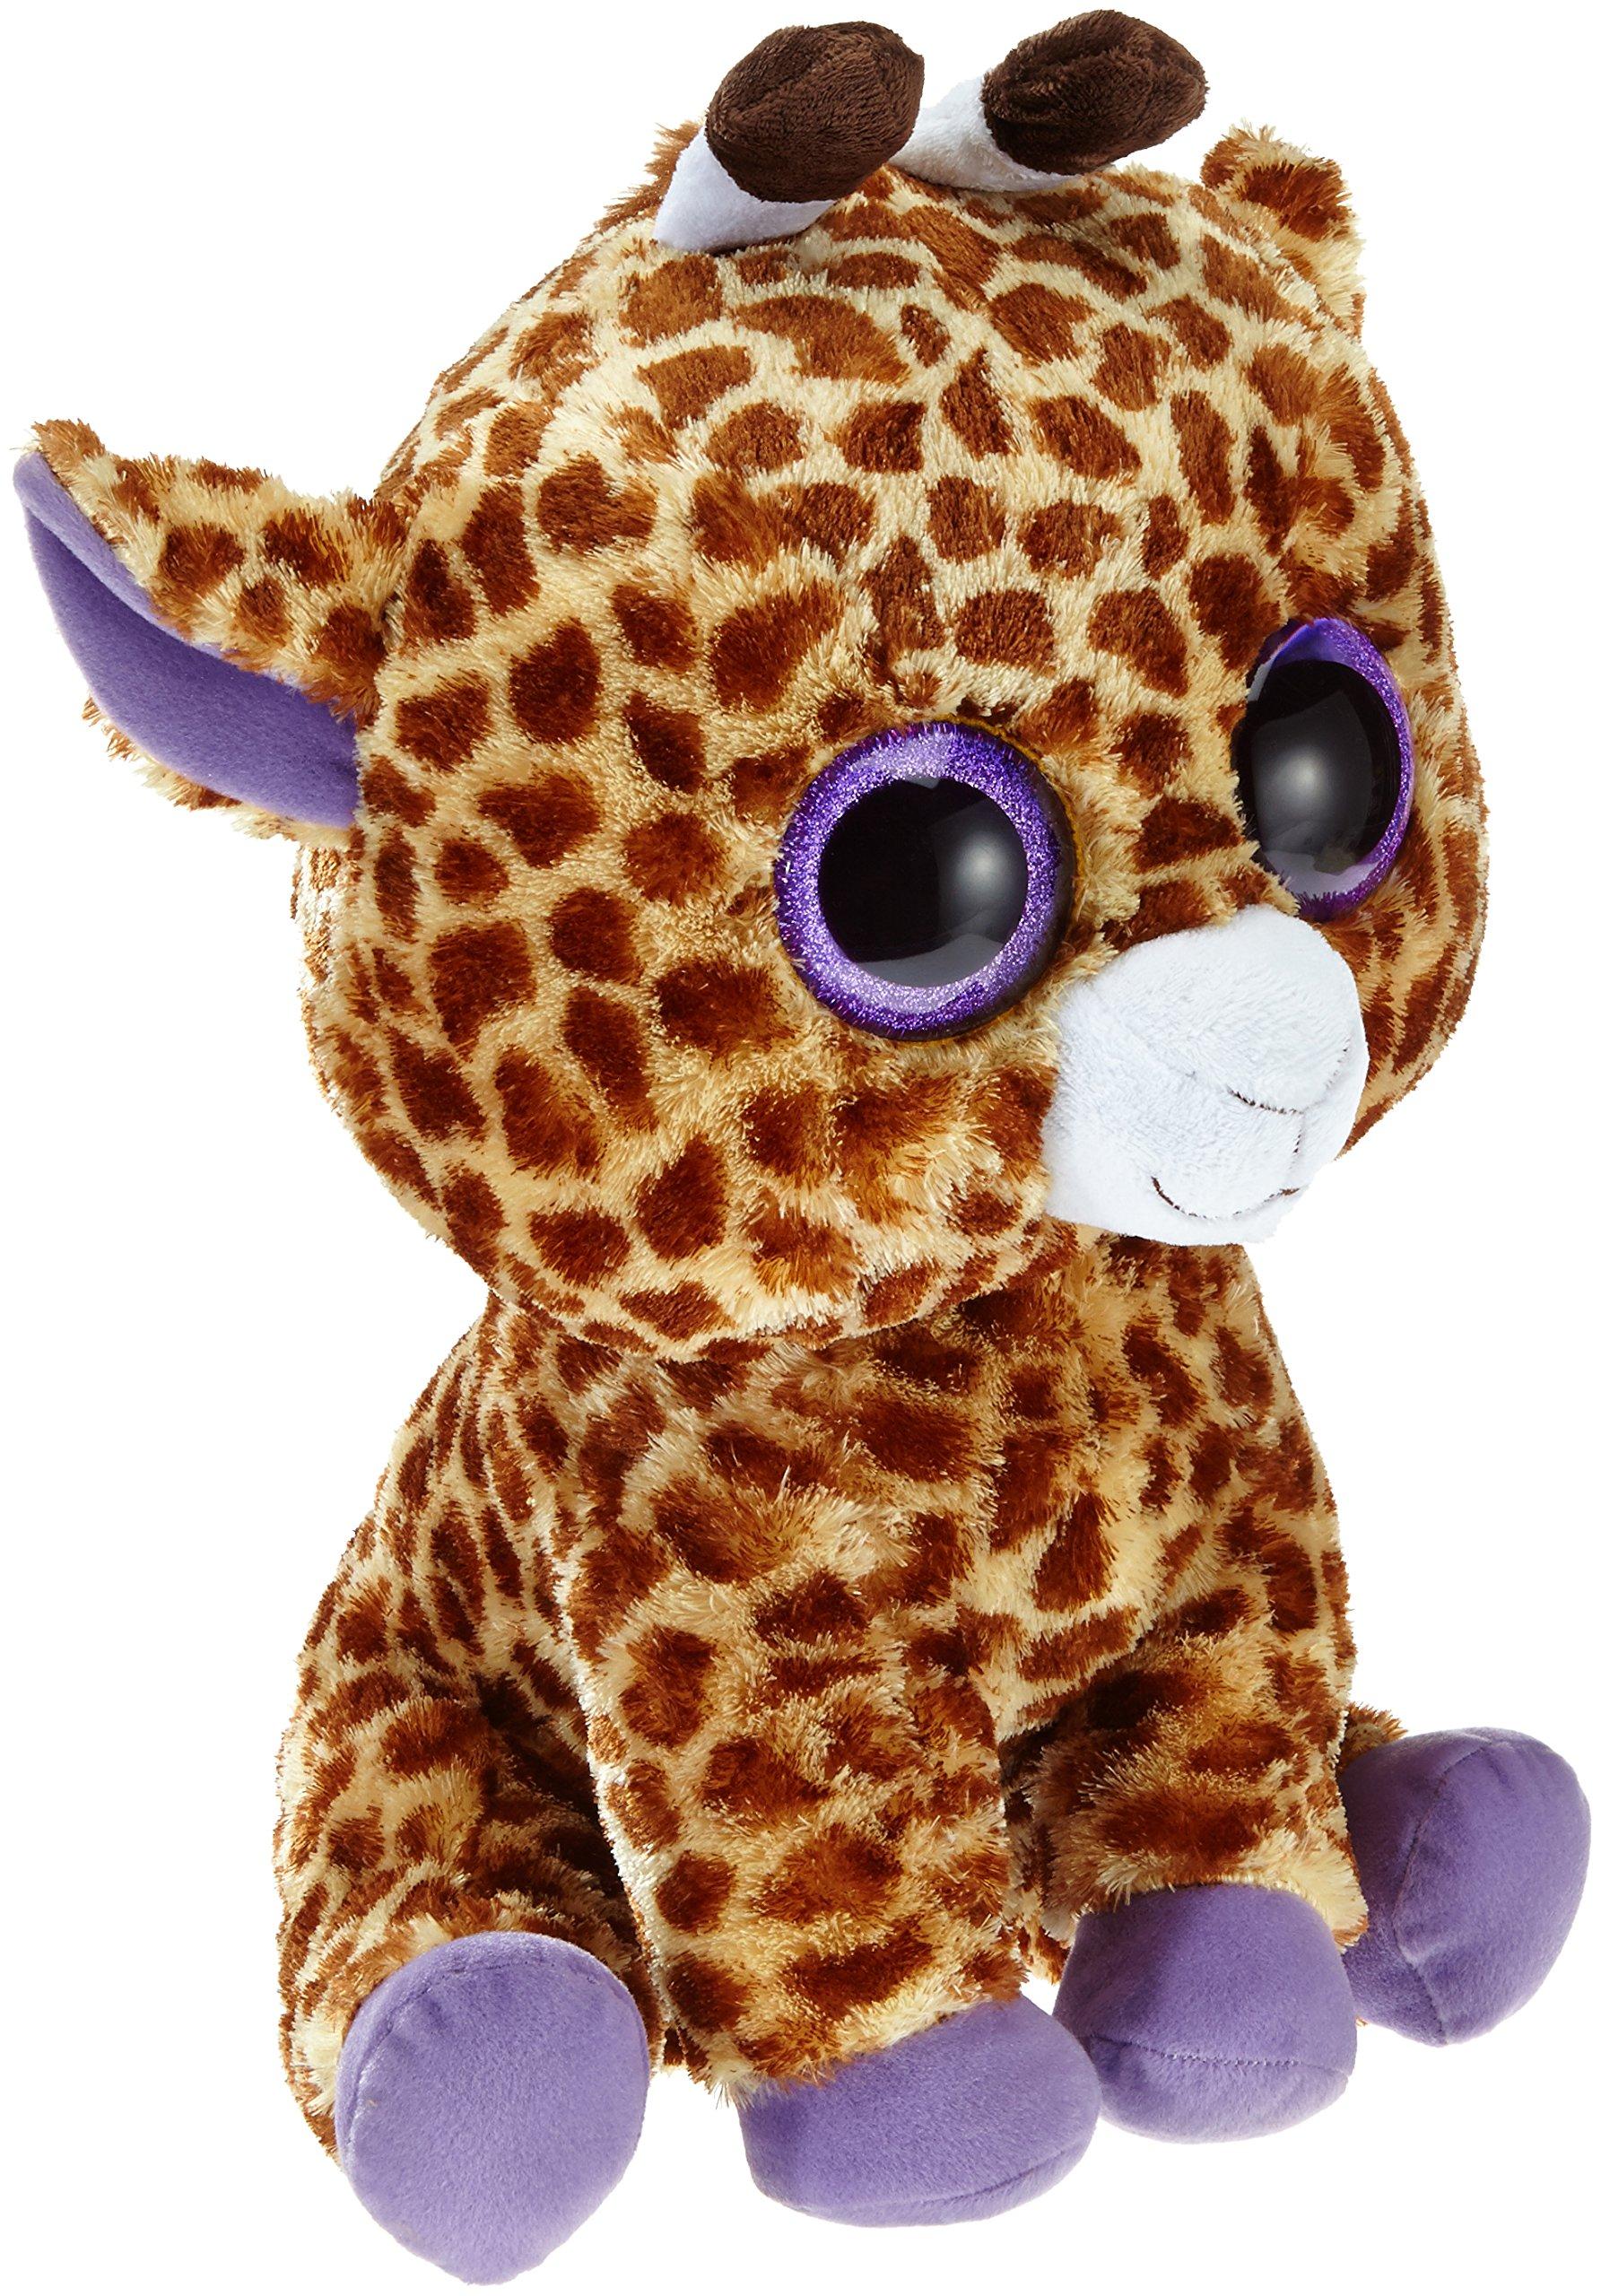 Ty Beanie Boos - Safari (Large) the Giraffe by Ty Beanie Boos